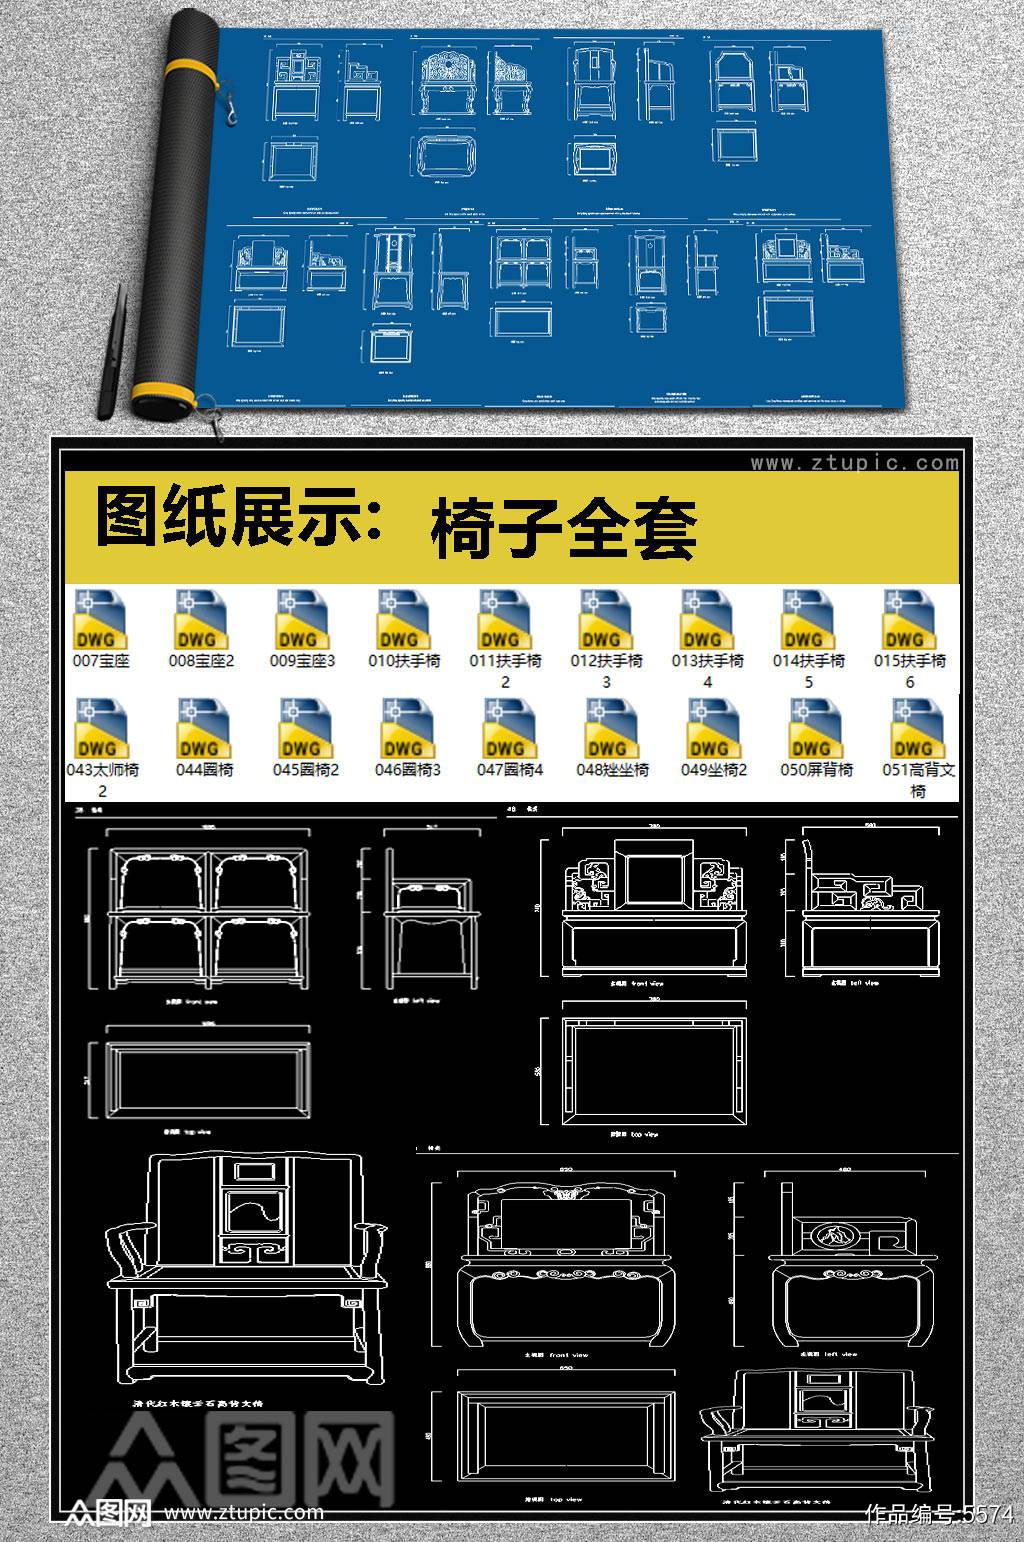 原创椅子全套详细的CAD图库素材